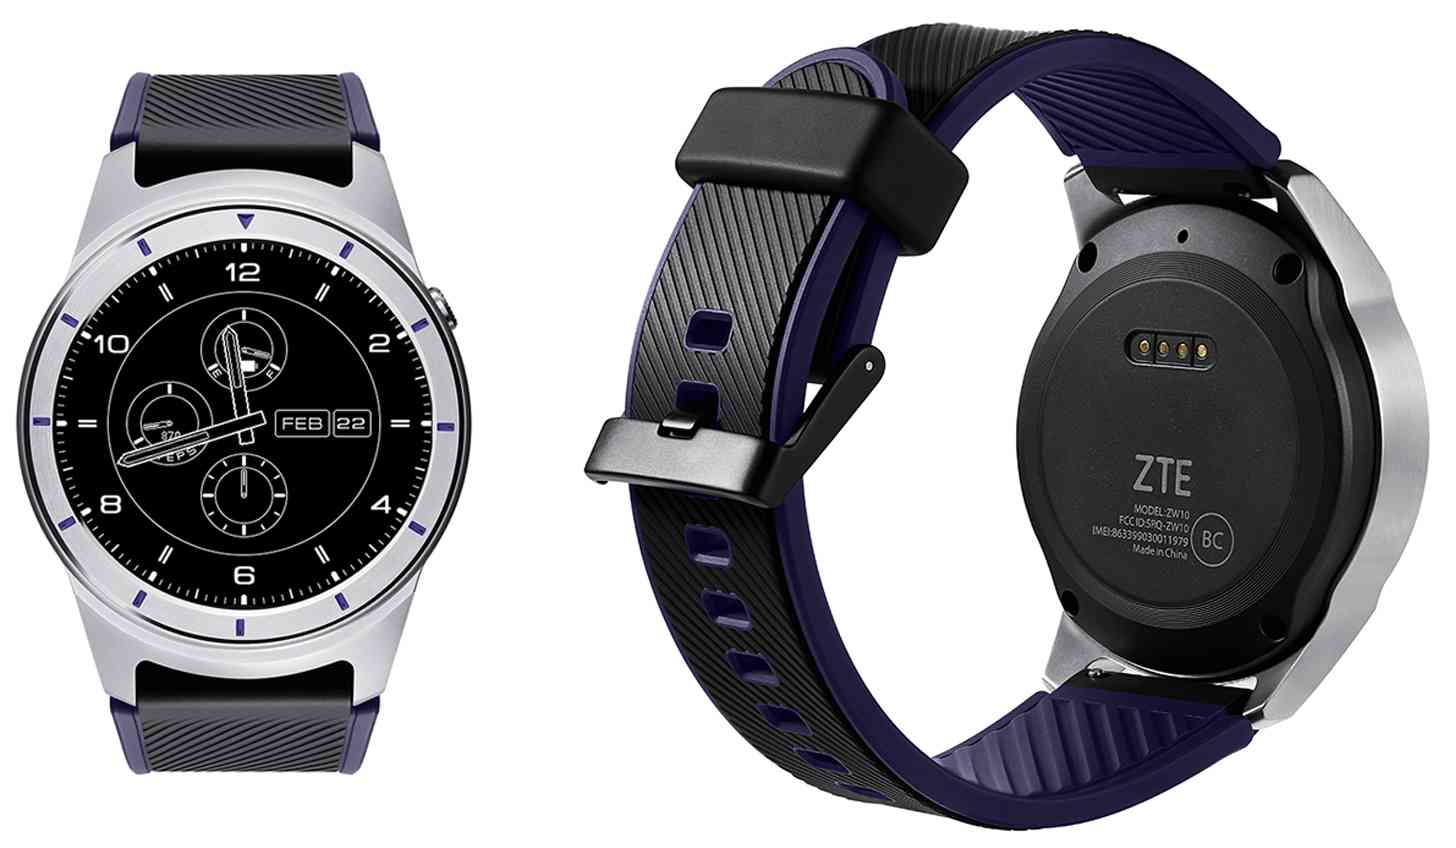 ZTE Quartz T-Mobile Android Wear 2.0 smartwatch